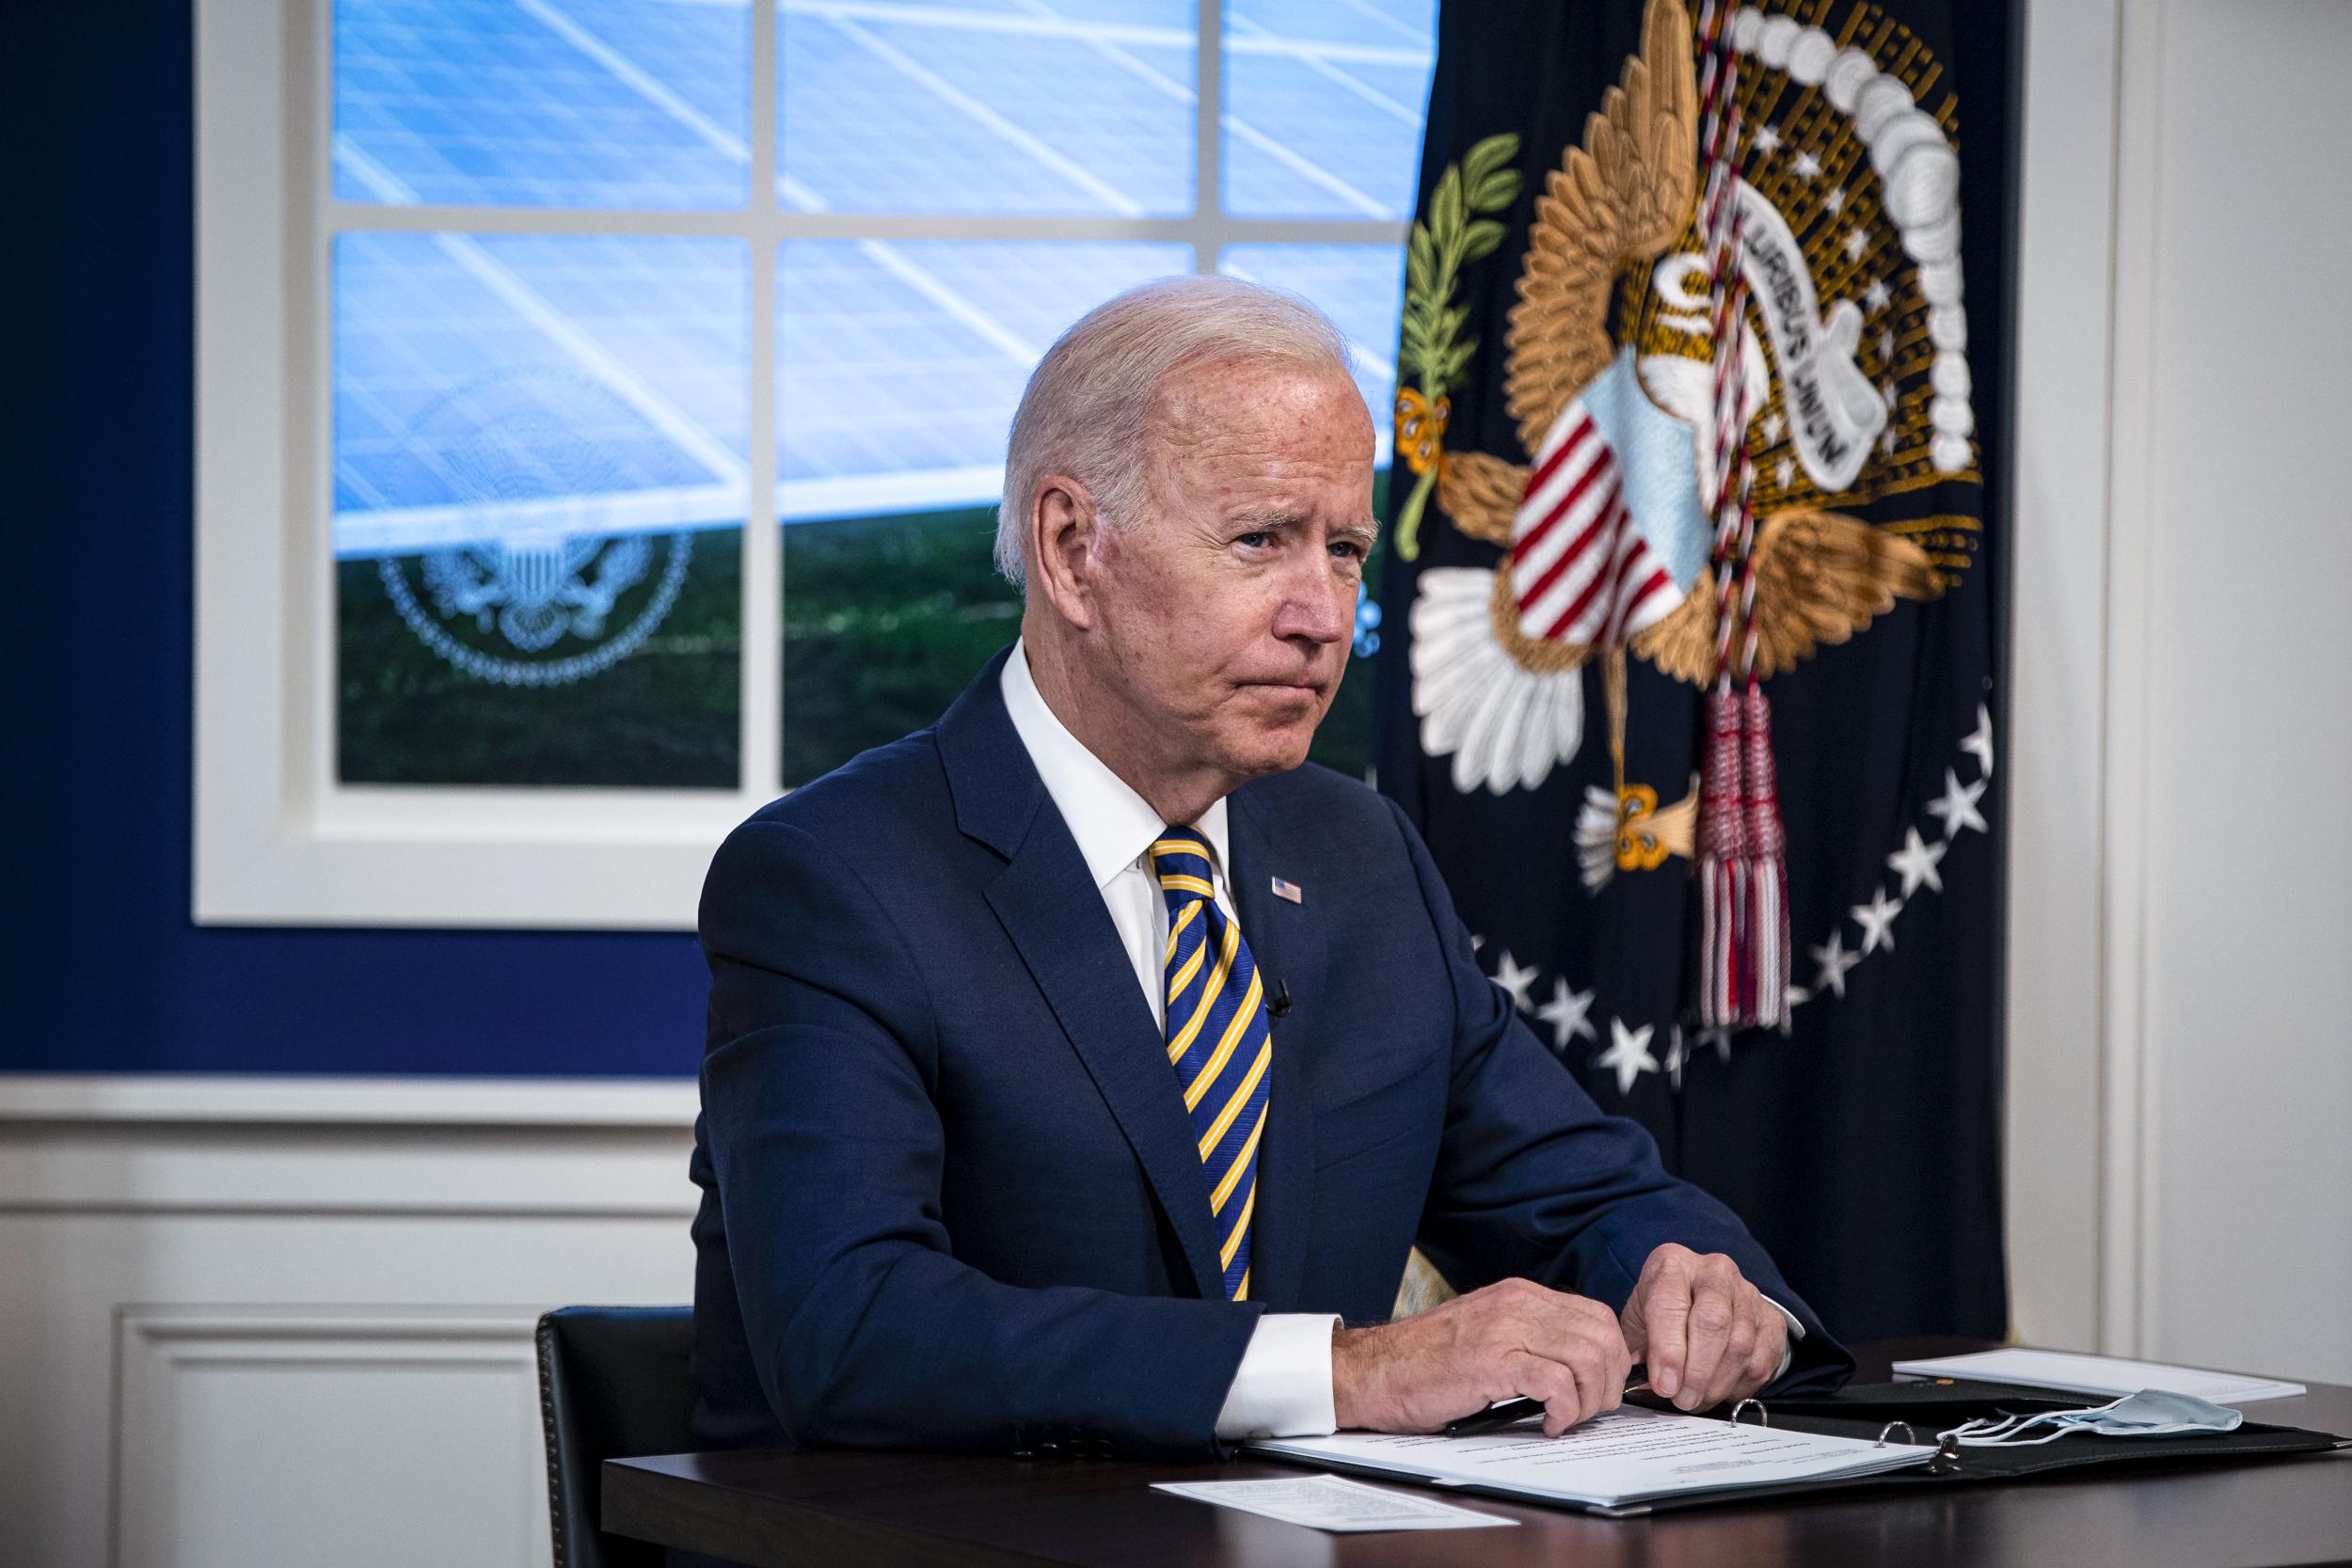 Averting government shutdown, Biden signs bill hours before deadline